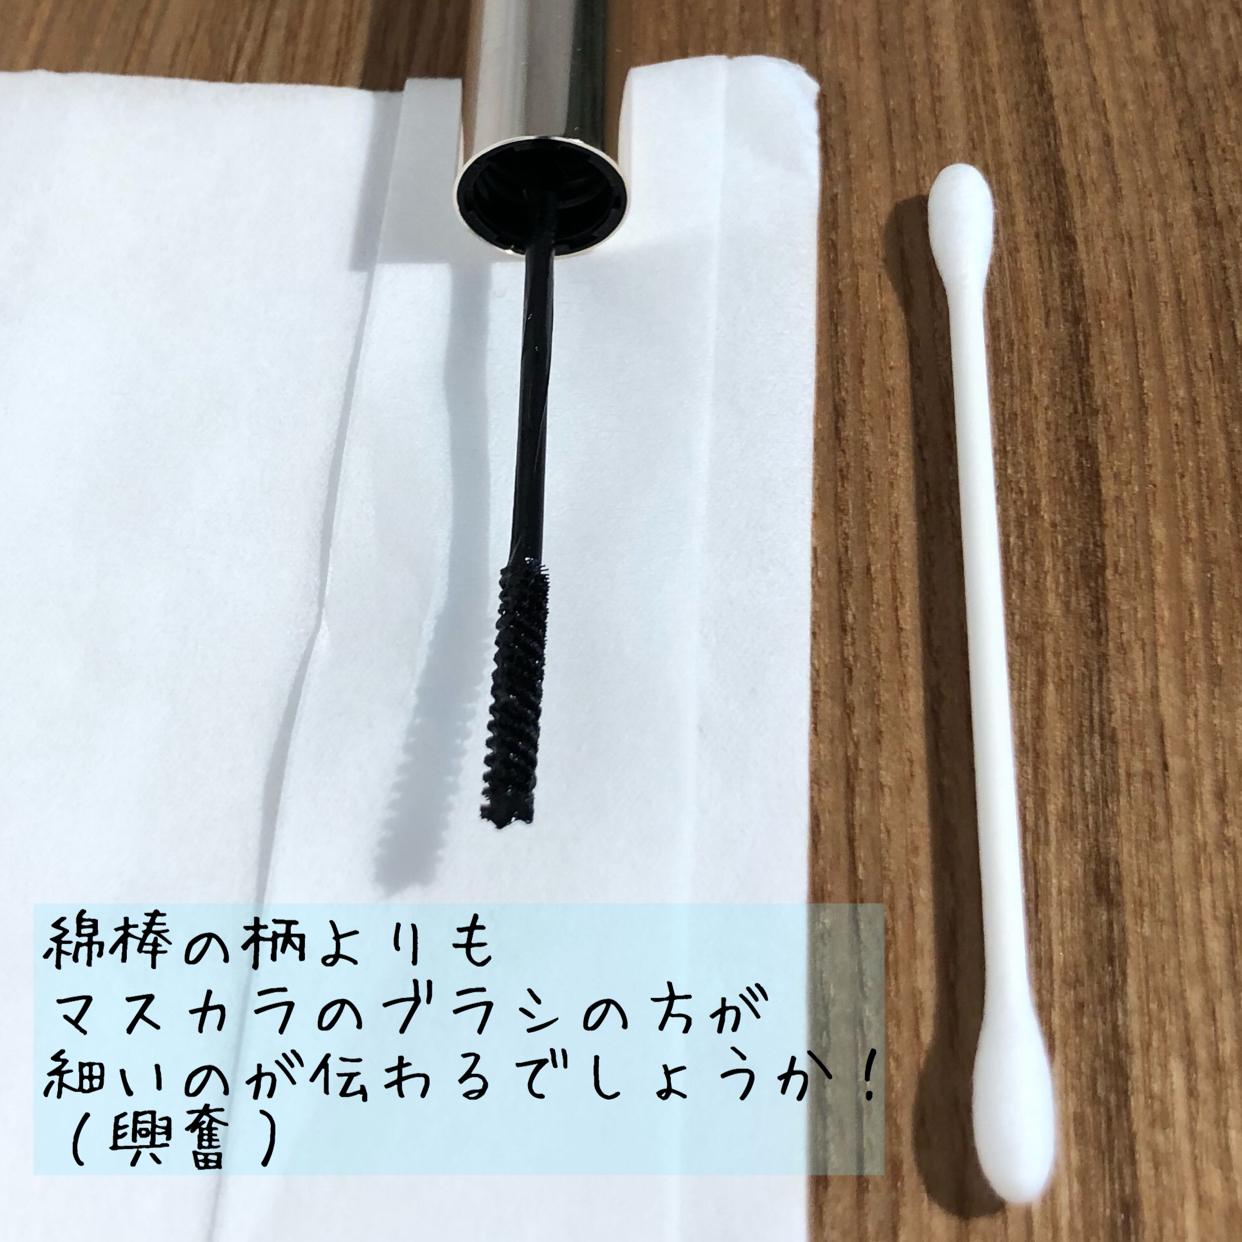 キャンメイク ラッシュフレームマスカラ 01 ナチュラルブラック(口紅)を使ったクチコミ(3枚目)